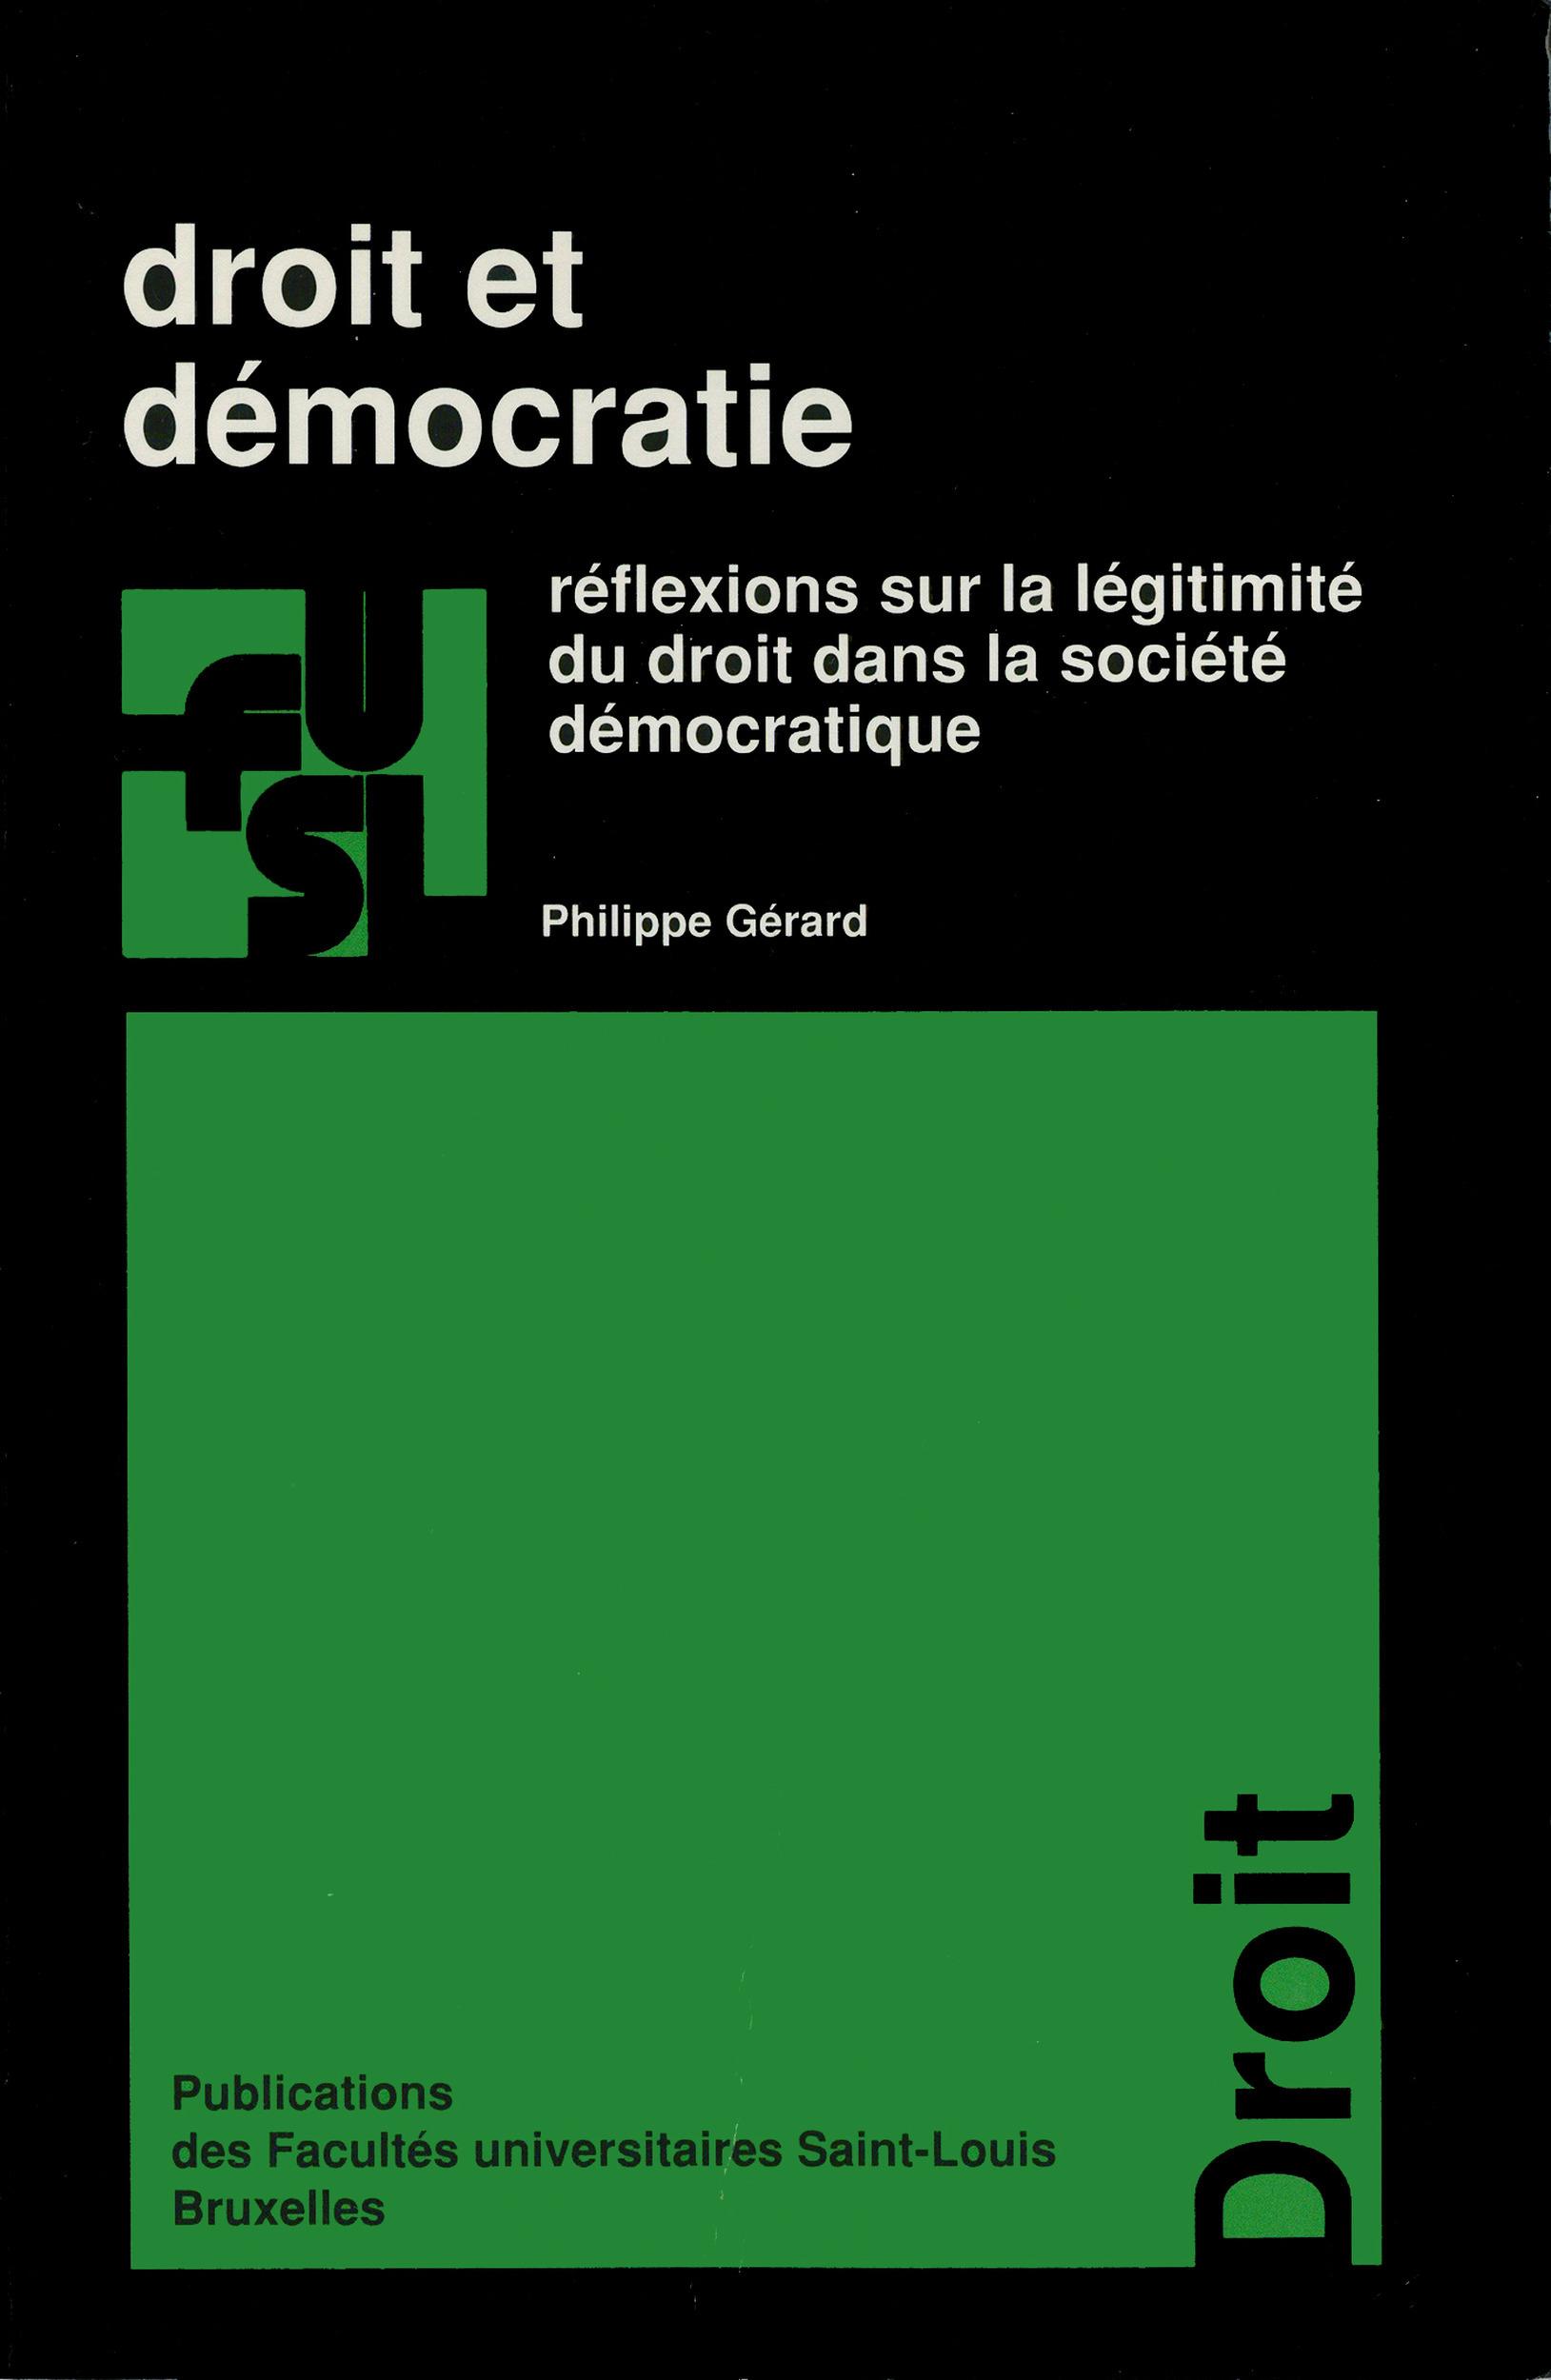 Droit et democratie